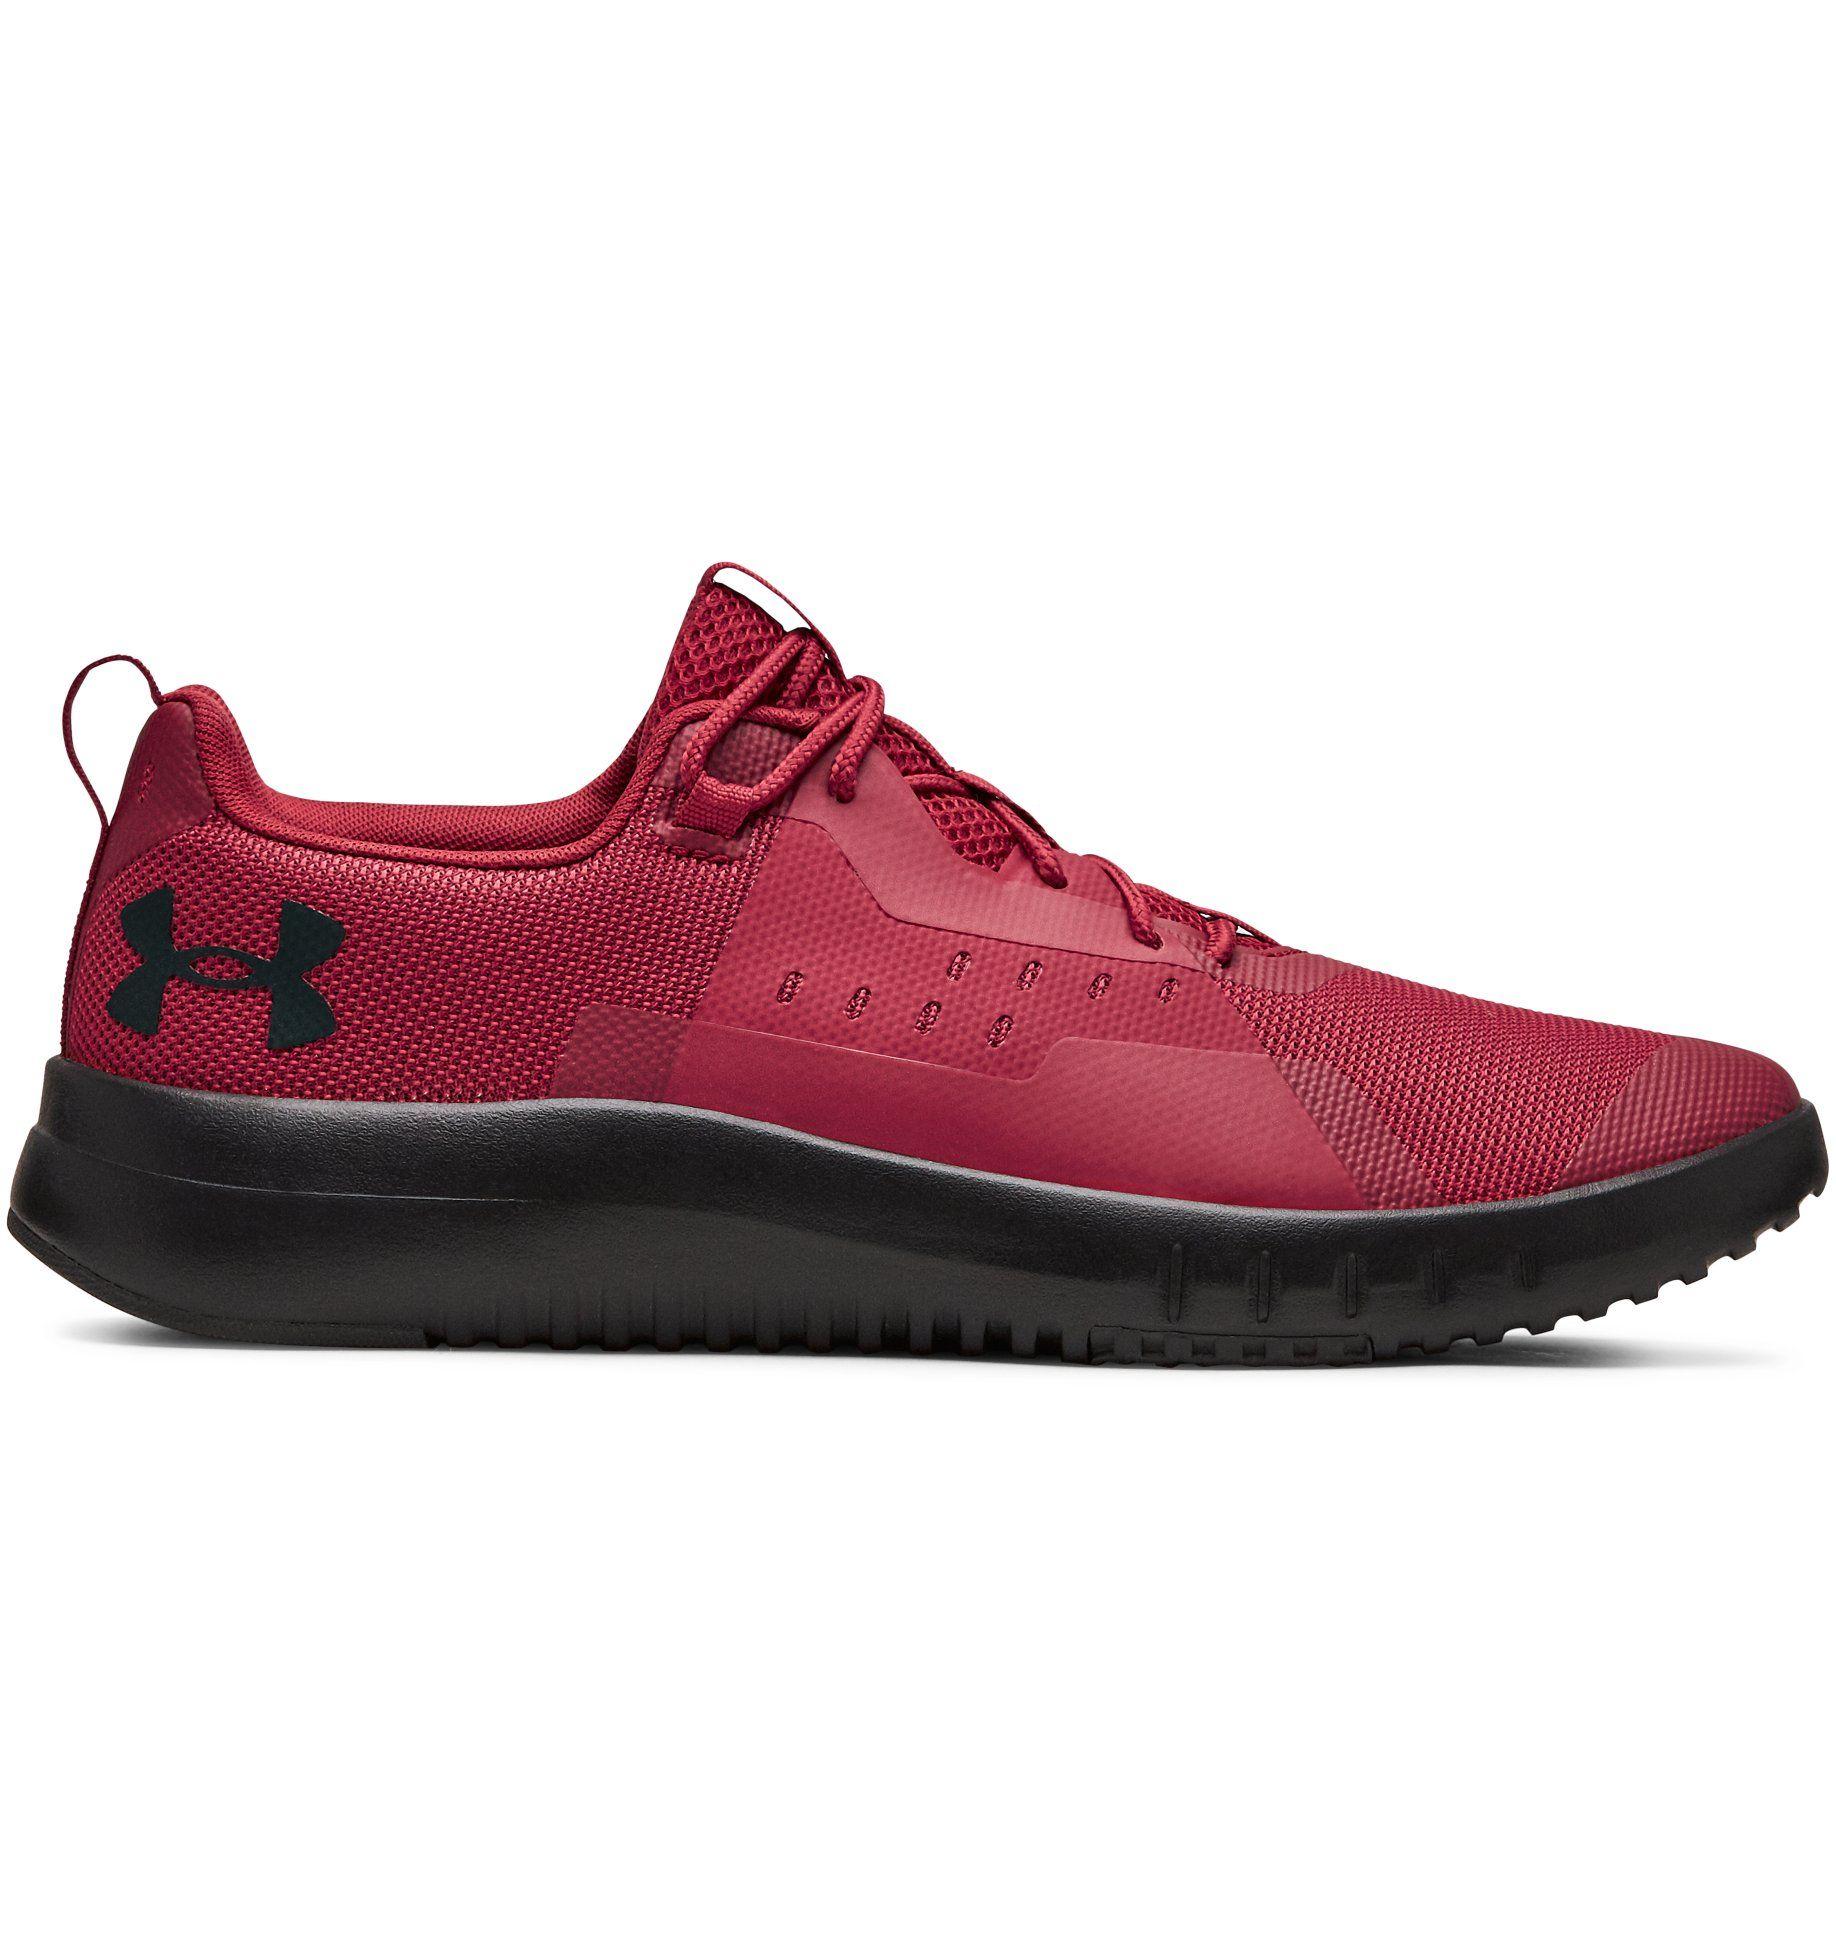 For Training Shoes Best Cross Runners 2019 bfgIYy6vm7